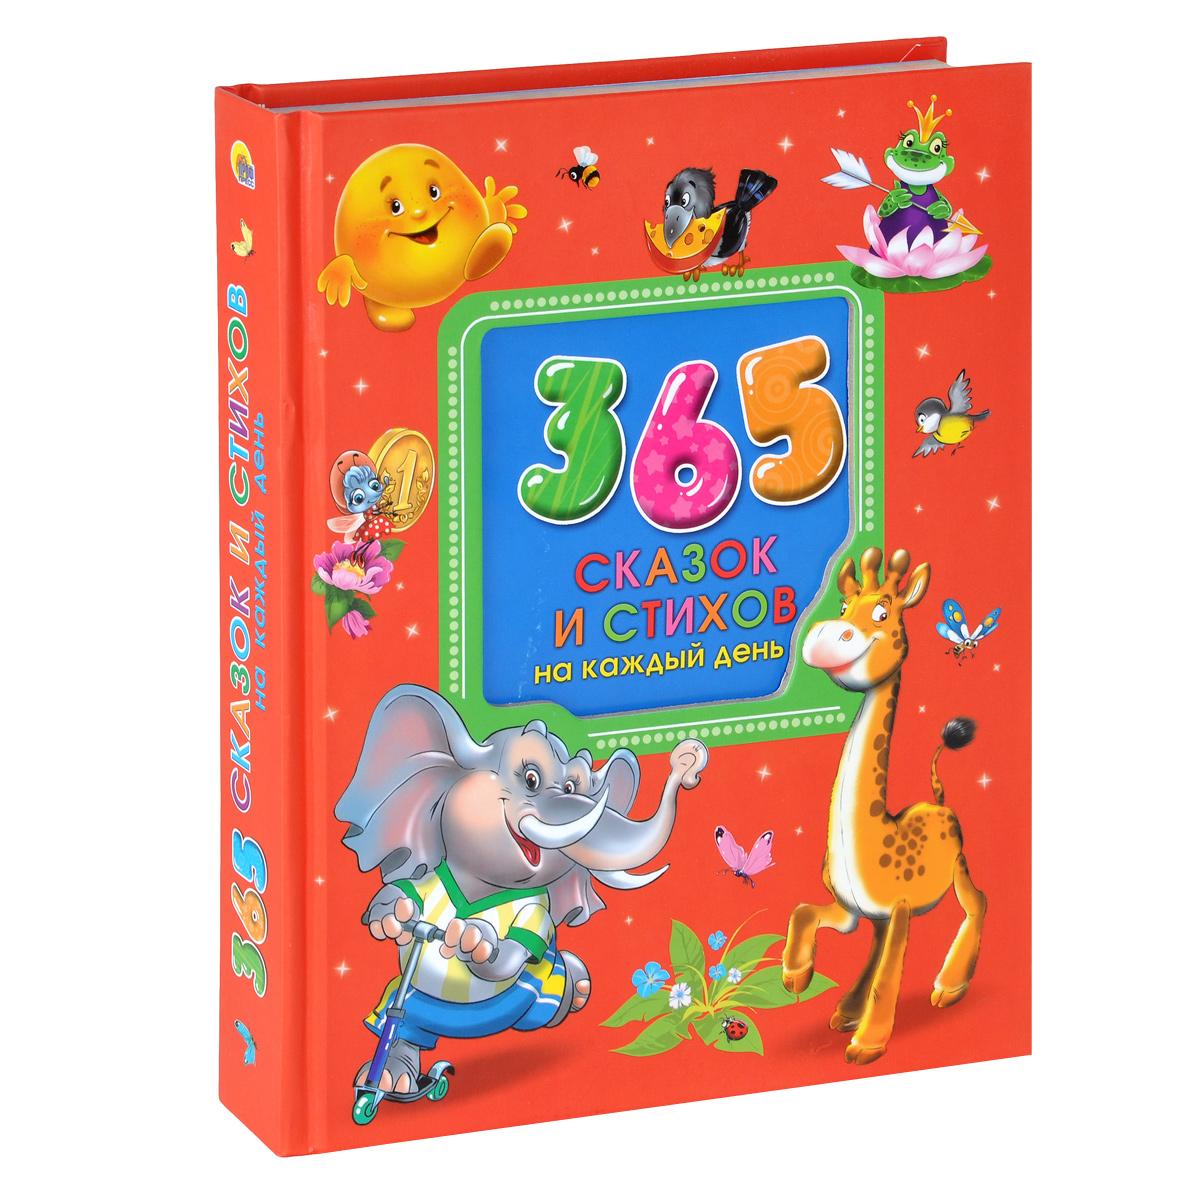 365 сказок и стихов на каждый день книга росмэн пушкин а с 365 стихов на круглый год 3